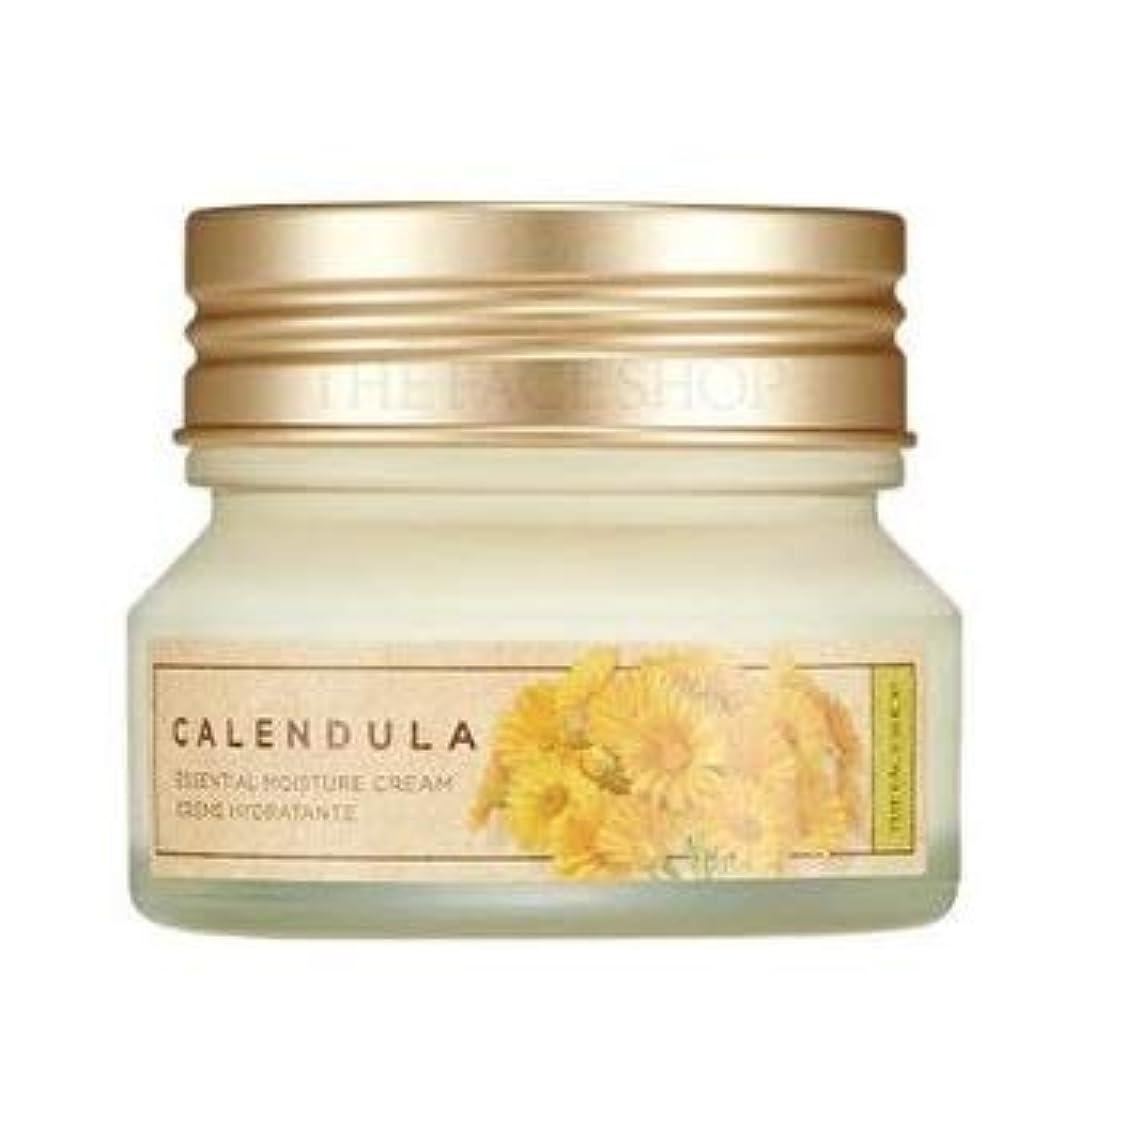 ウサギ相手腐敗THE FACE SHOP Calendula Essential Moisture Cream ザフェイスショップ カレンデュラ エッセンシャル モイスチャー クリーム [並行輸入品]